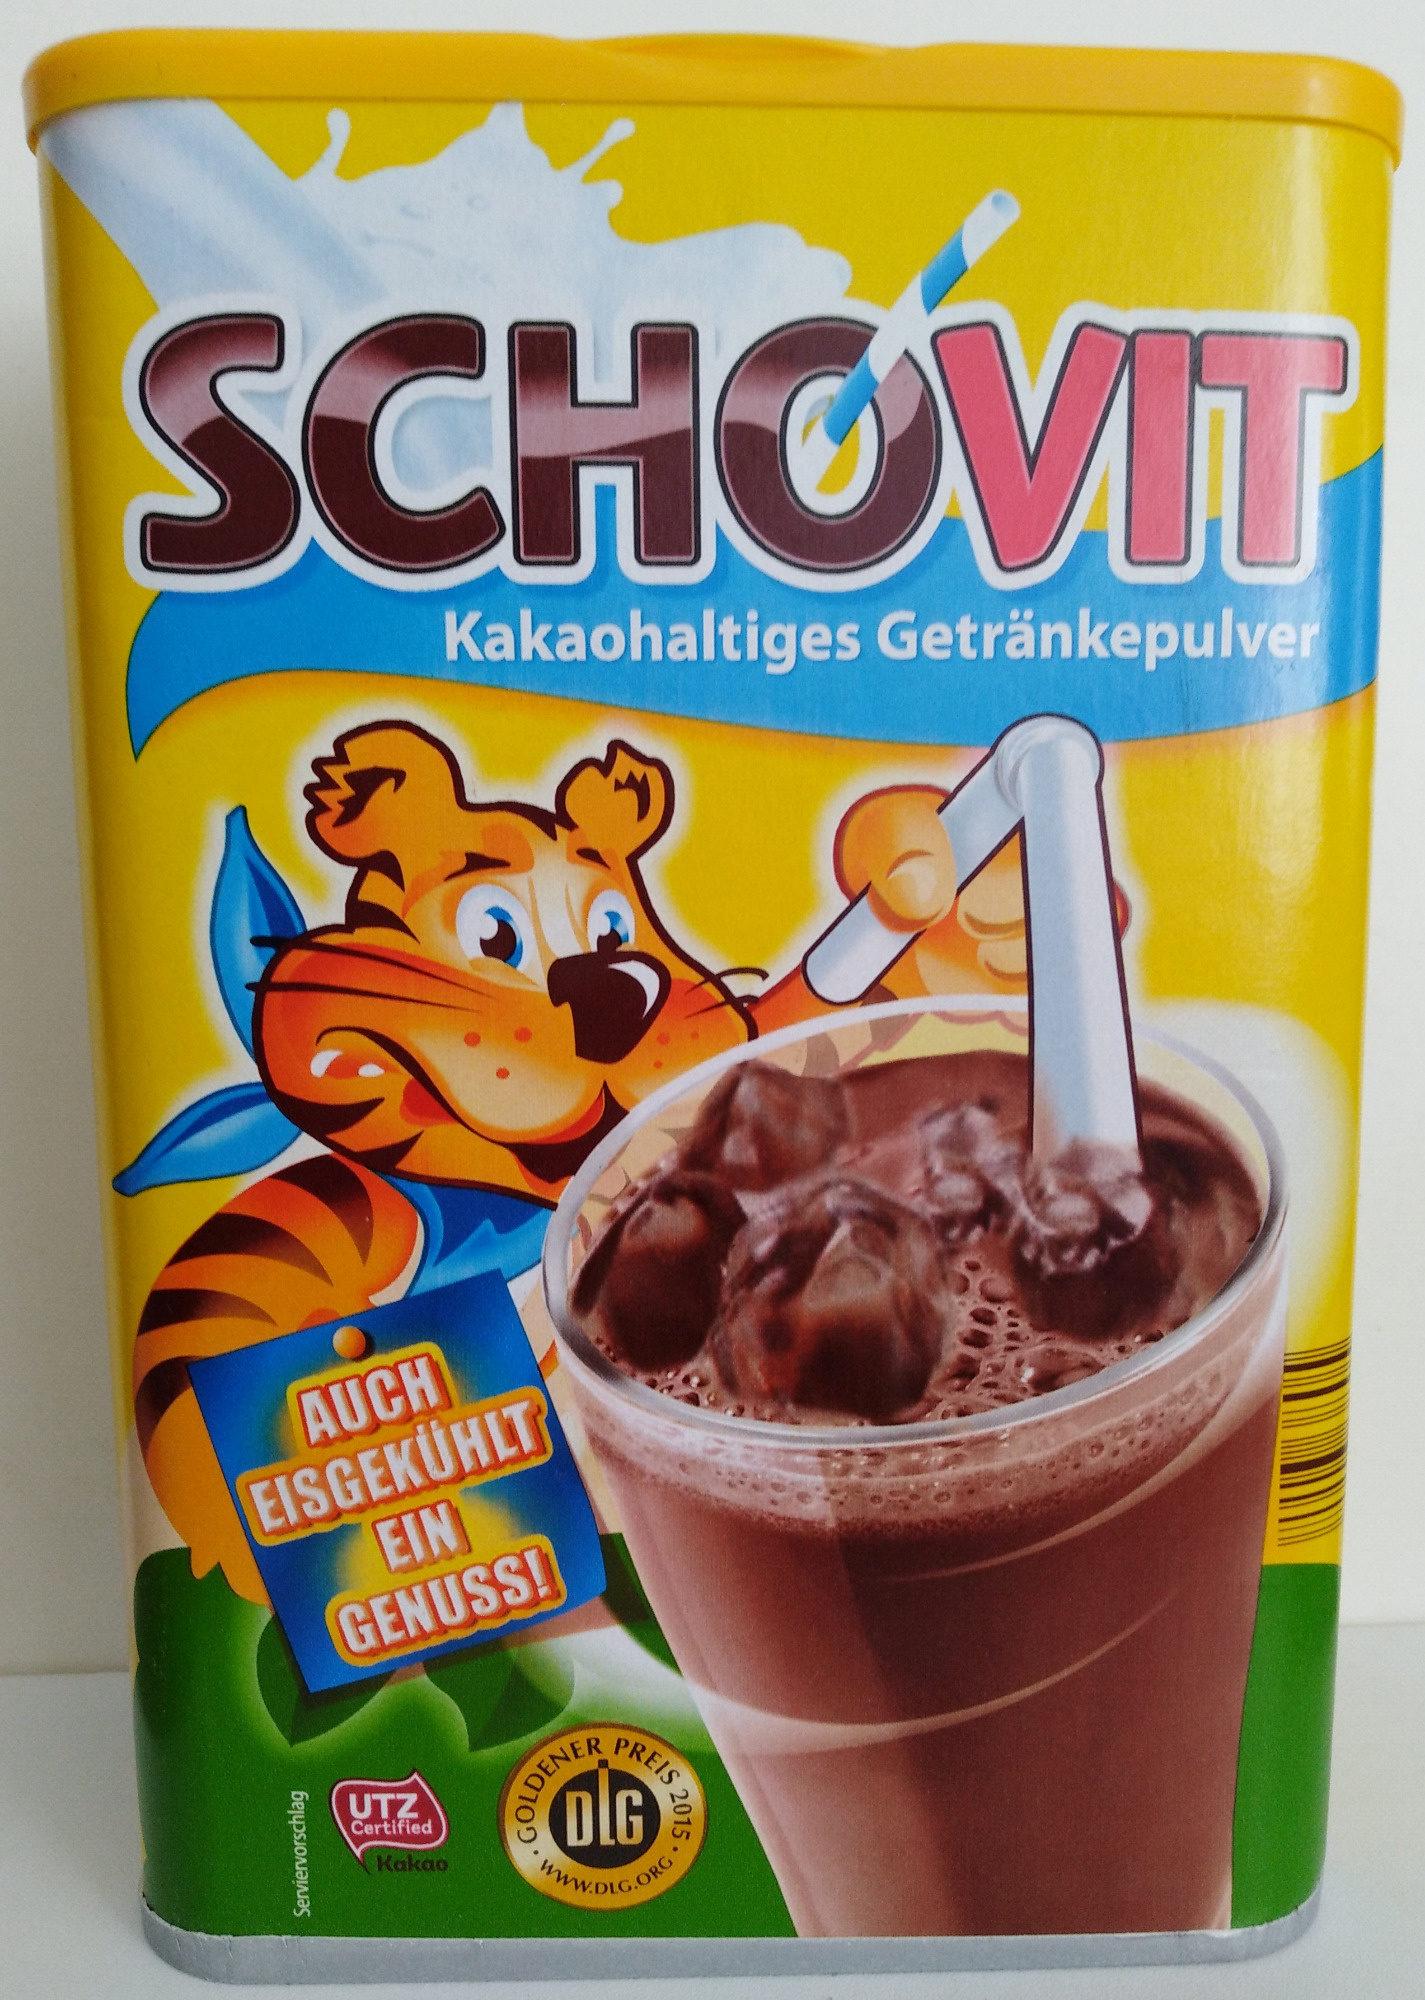 Schovit - Produkt - de